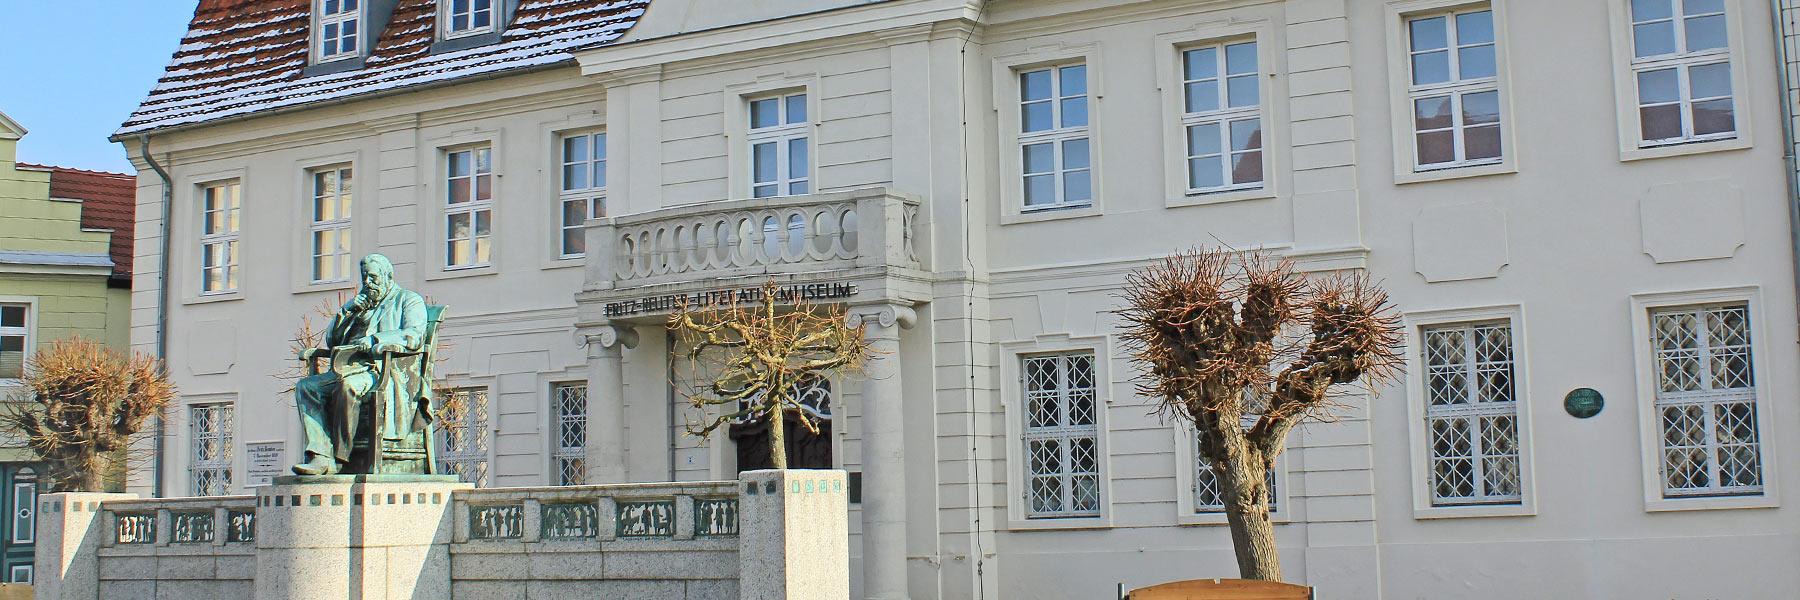 Fritz Reuter Museum - Stavenhagen